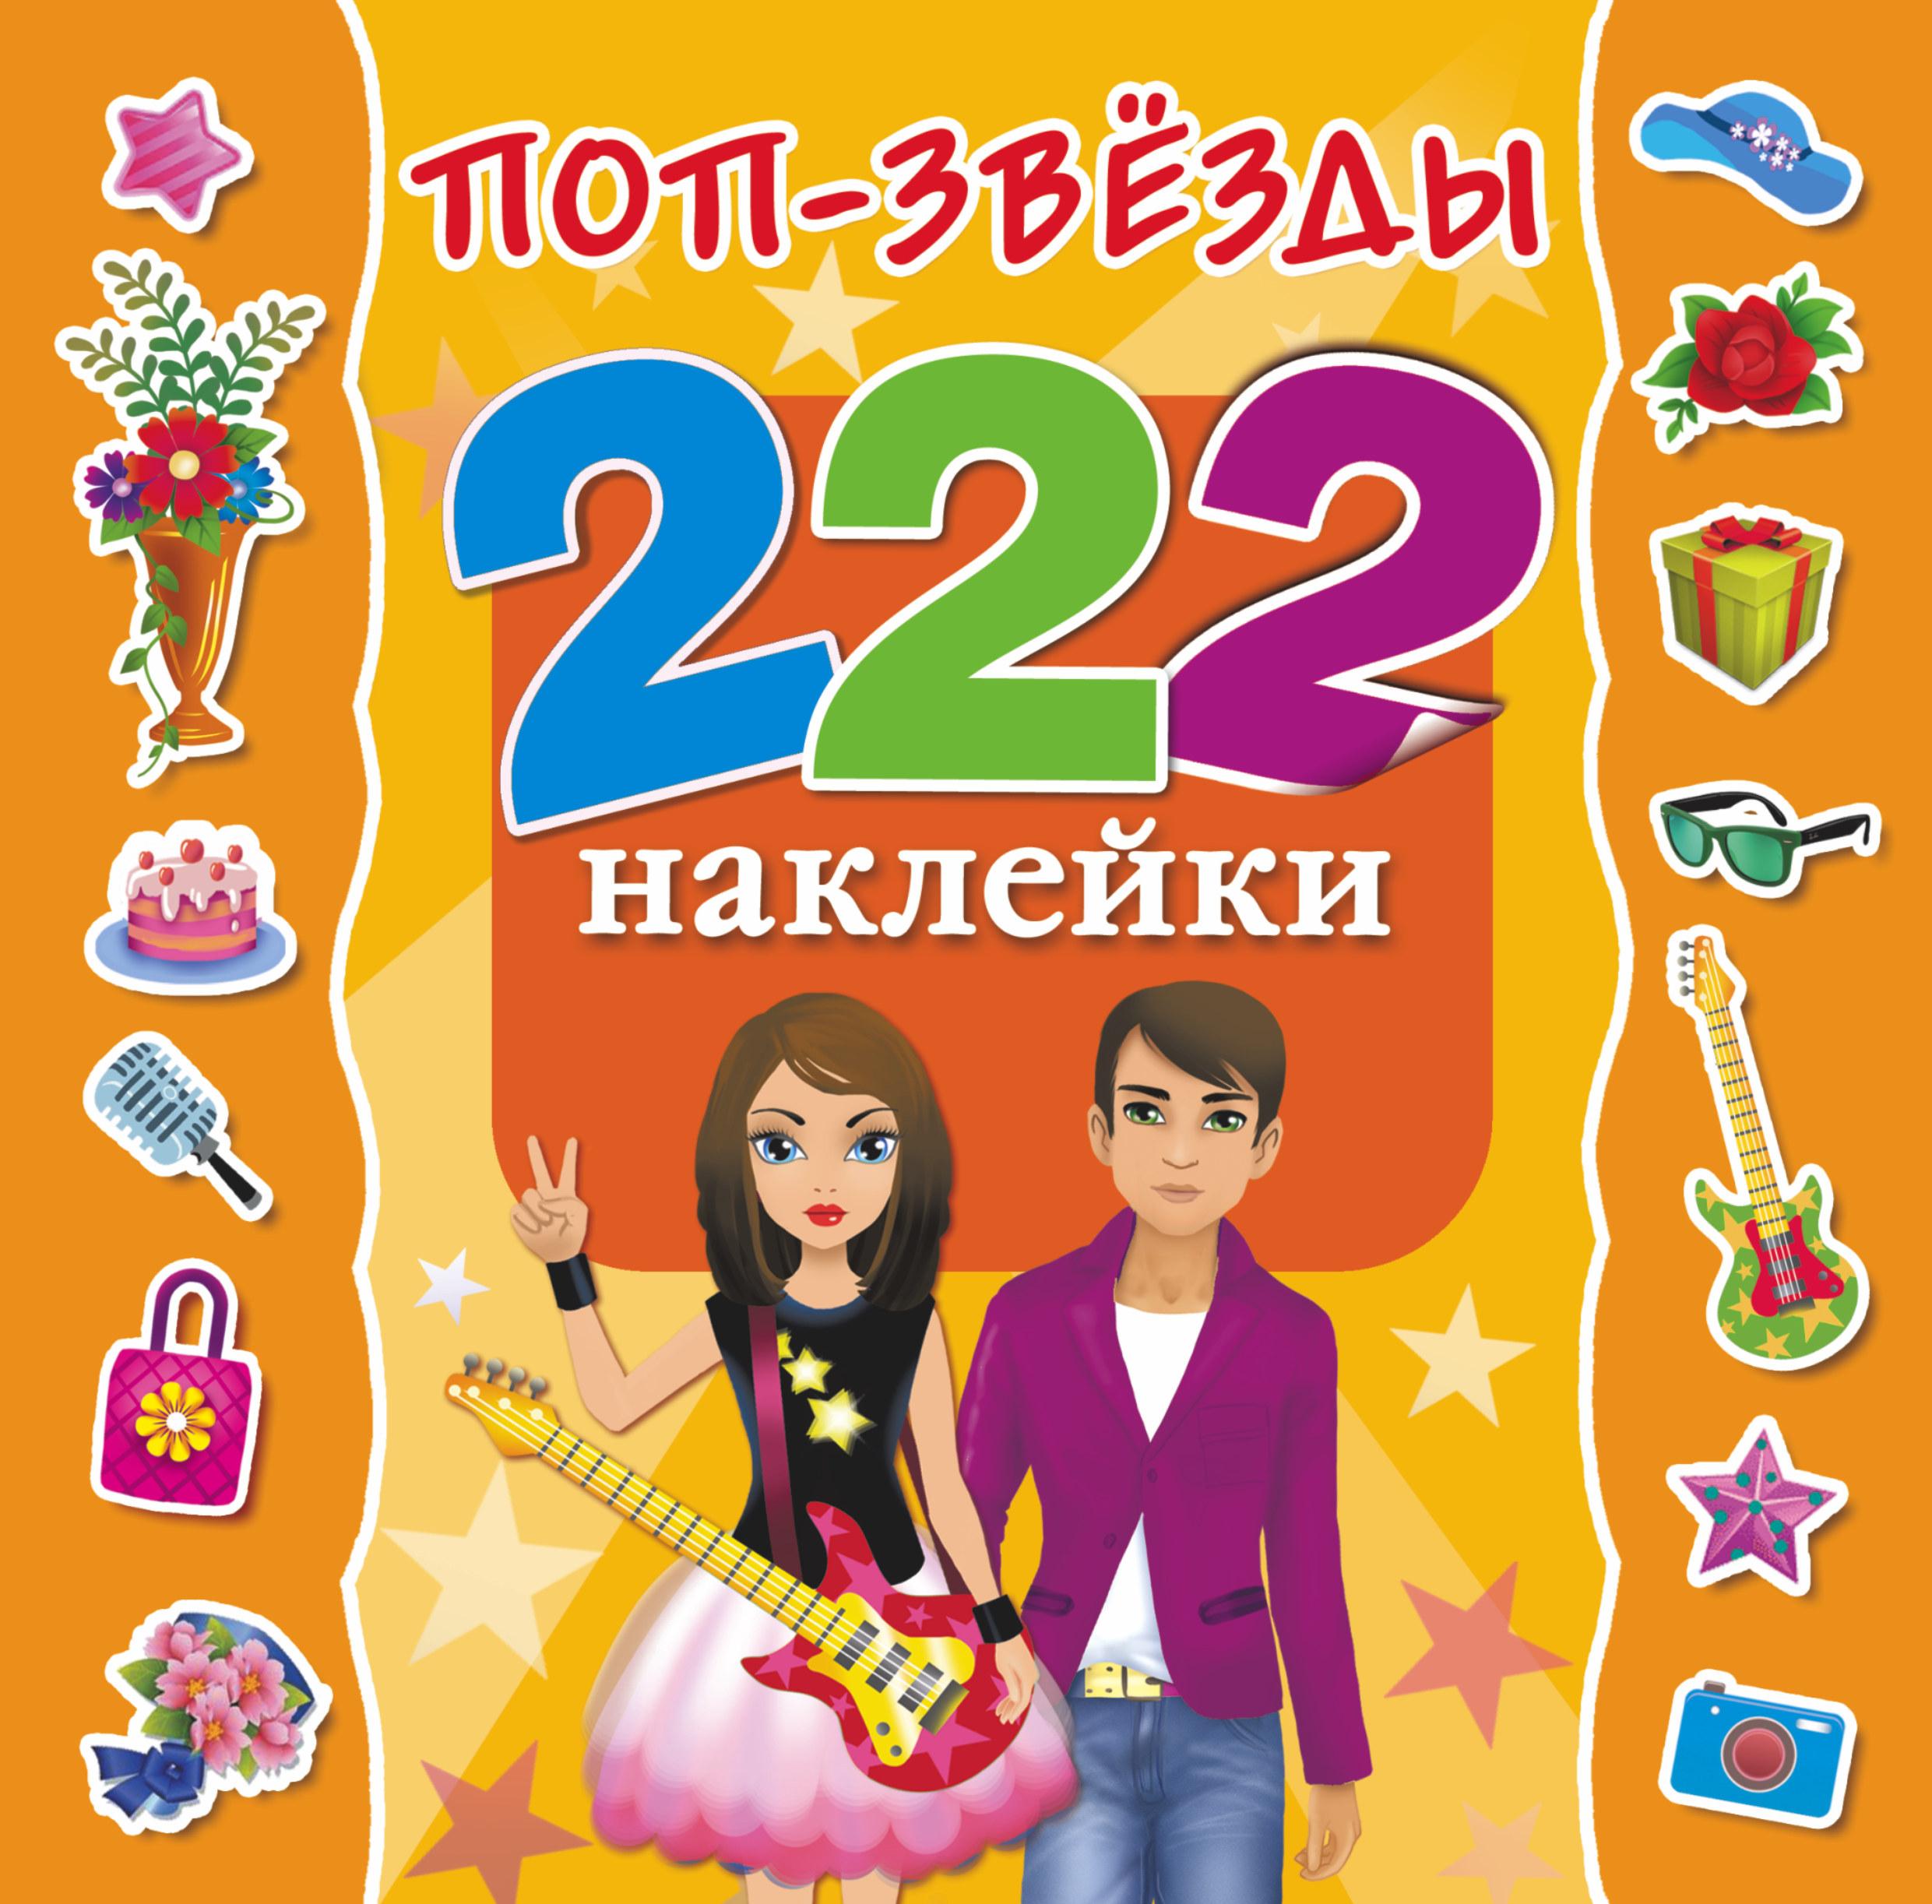 Купить Поп-Звезды, АСТ, Книжки с наклейками